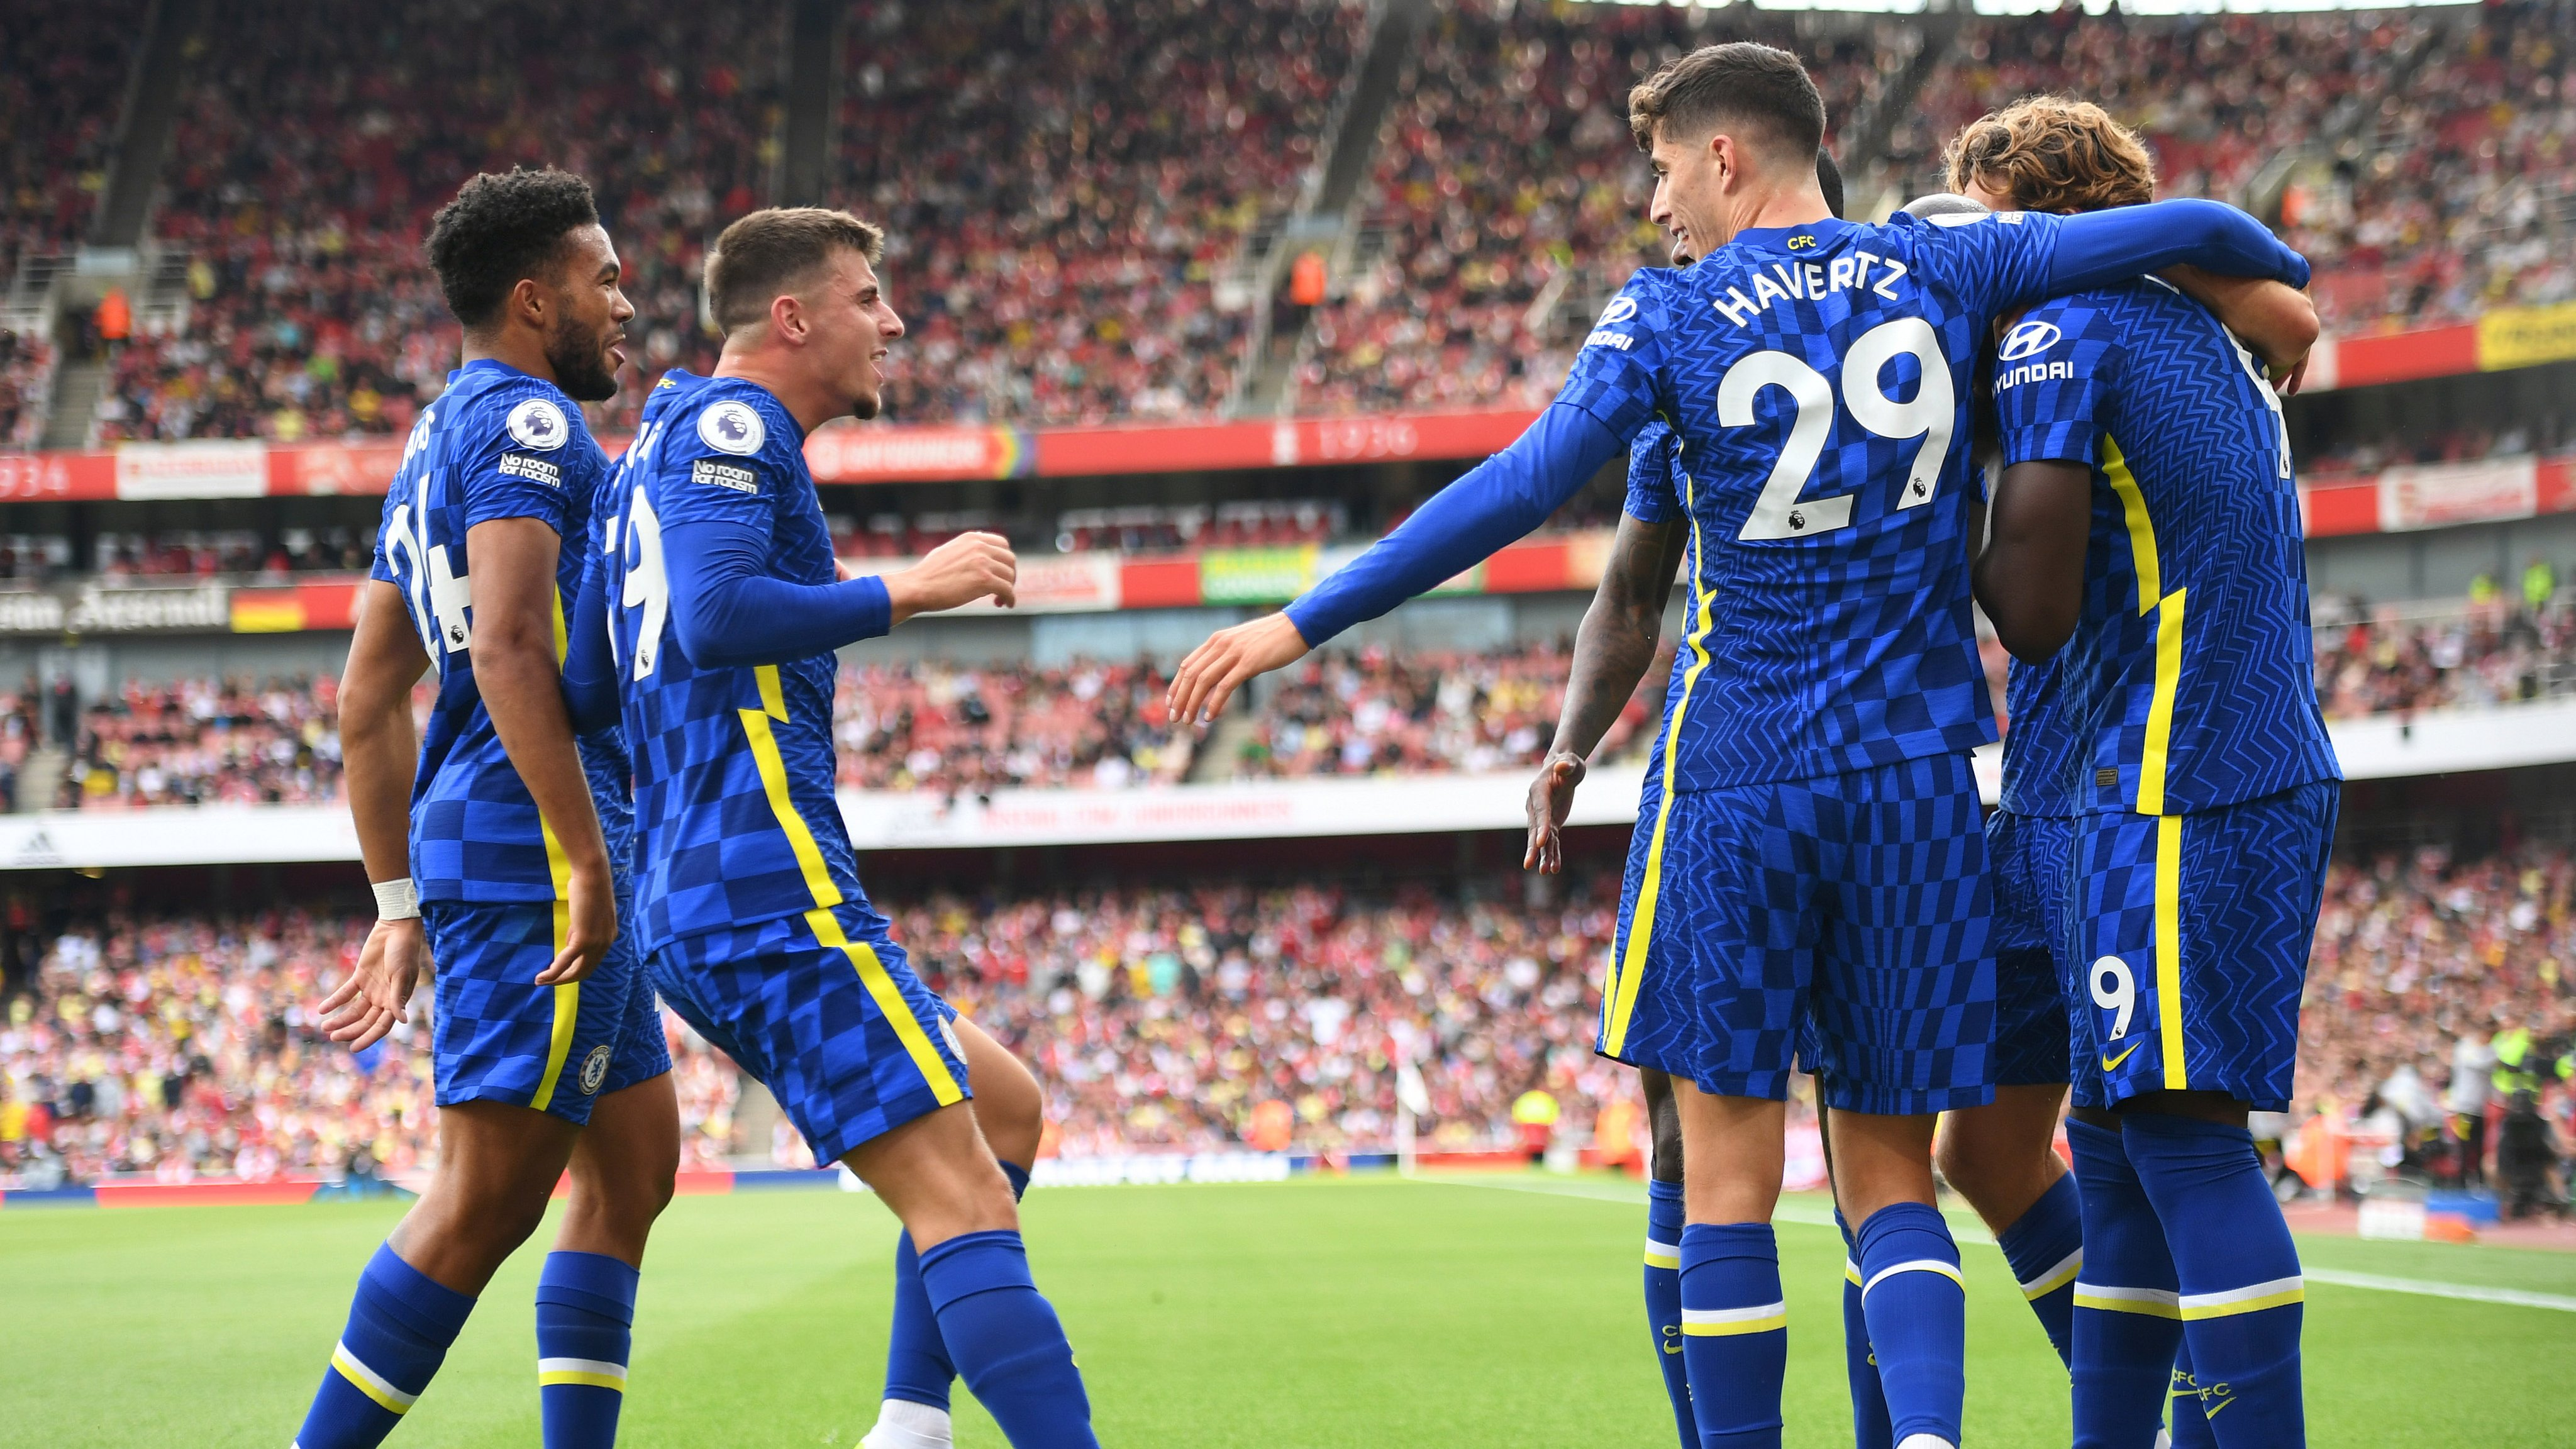 Челси в дерби переиграл Арсенал в первом матче Лукаку после возвращения